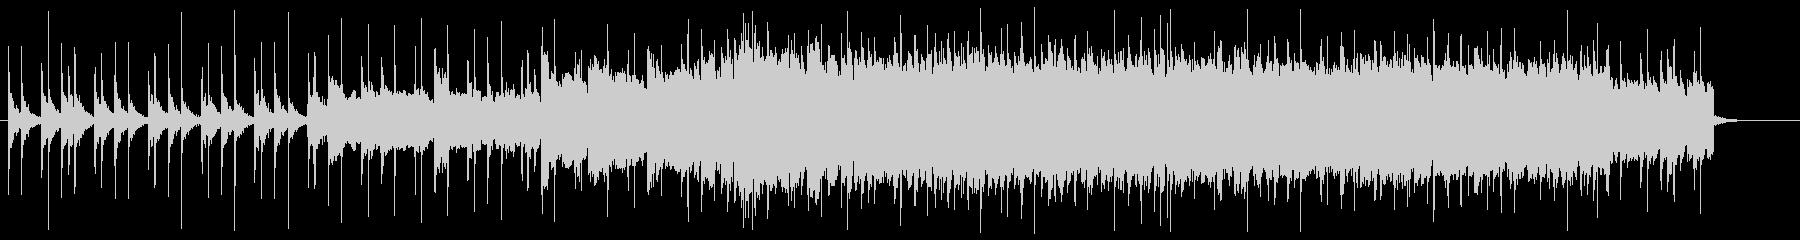 CM向けロックアンセム 30秒歌無版の未再生の波形